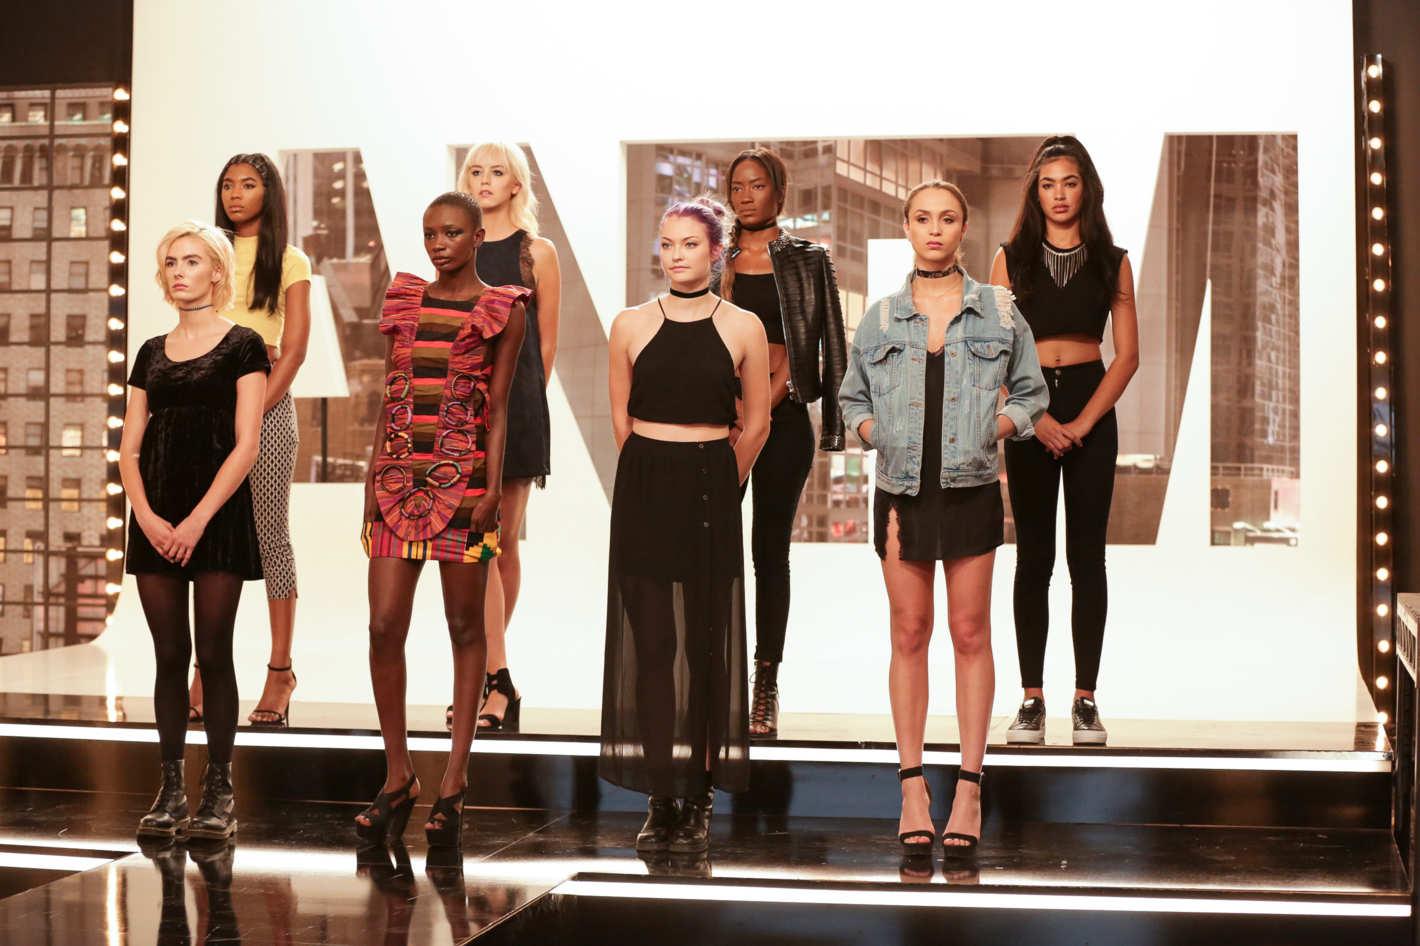 6eead2e41 A série comandada pela top model Tyra Banks começou em 2003 e teve 22  temporadas até 2015. O reality retrata a disputa entre jovens que sonham em  ser modelo ...